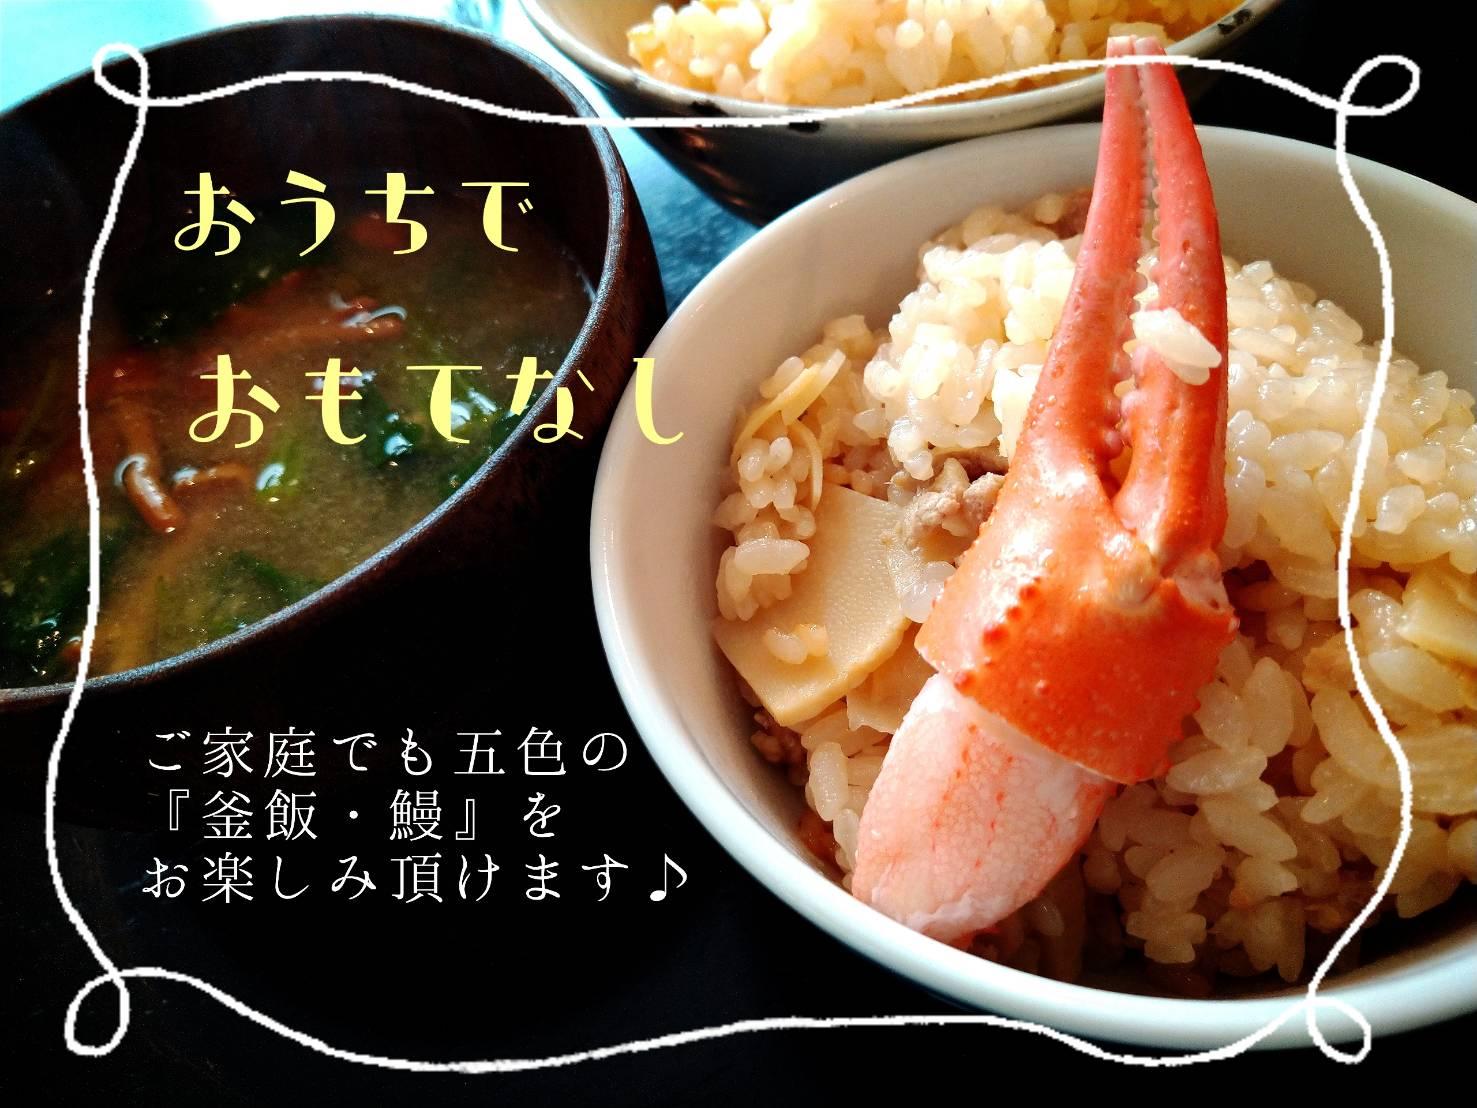 無添加自然派【五目釜めし】アルミ釜コンロまたは炊飯器で炊くタイプ1合炊き×10食セット